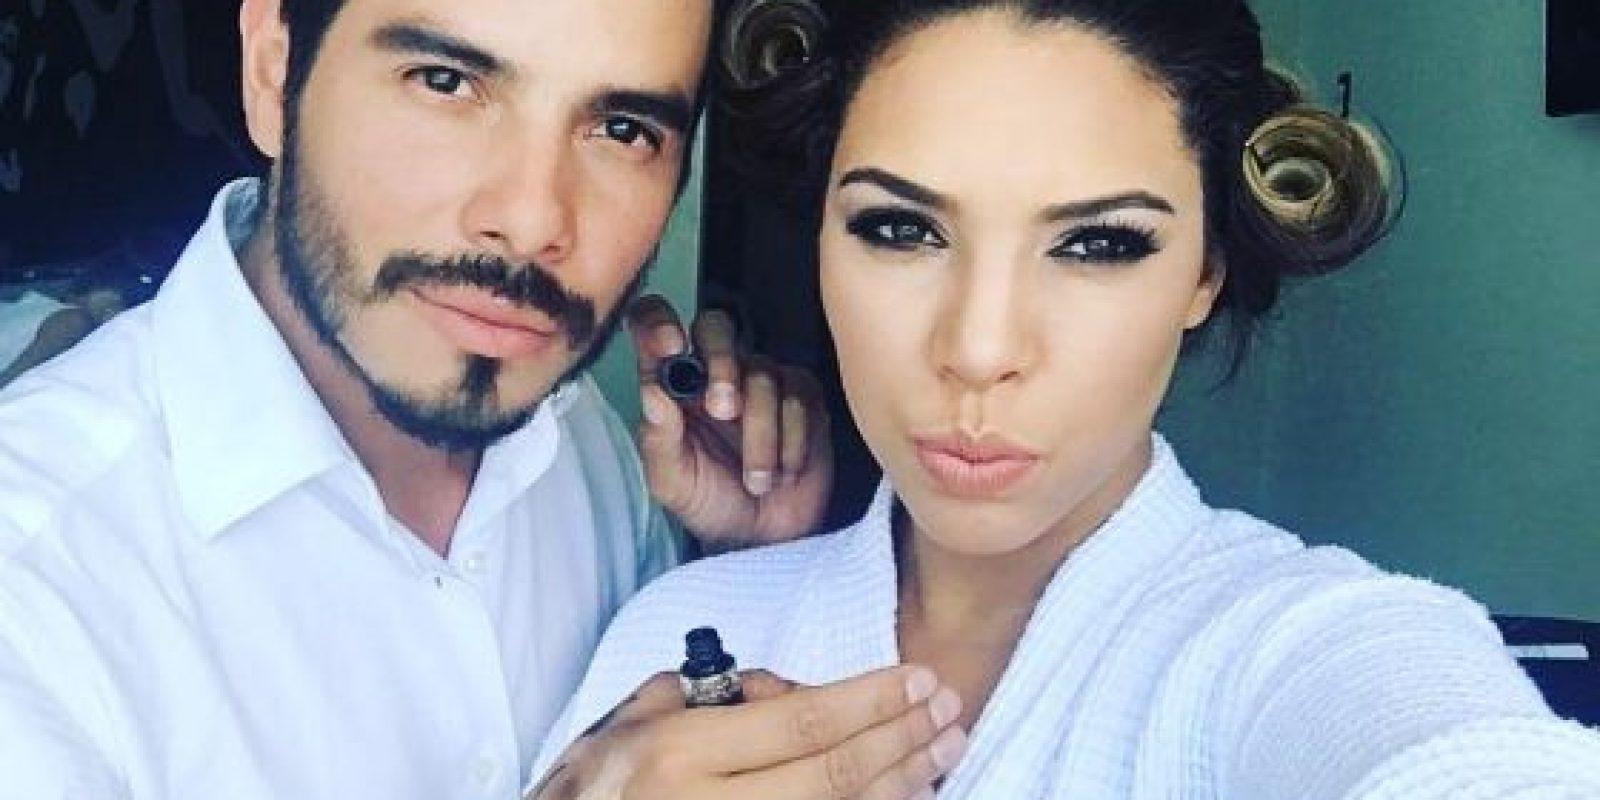 La boda se realizó en República Dominicana